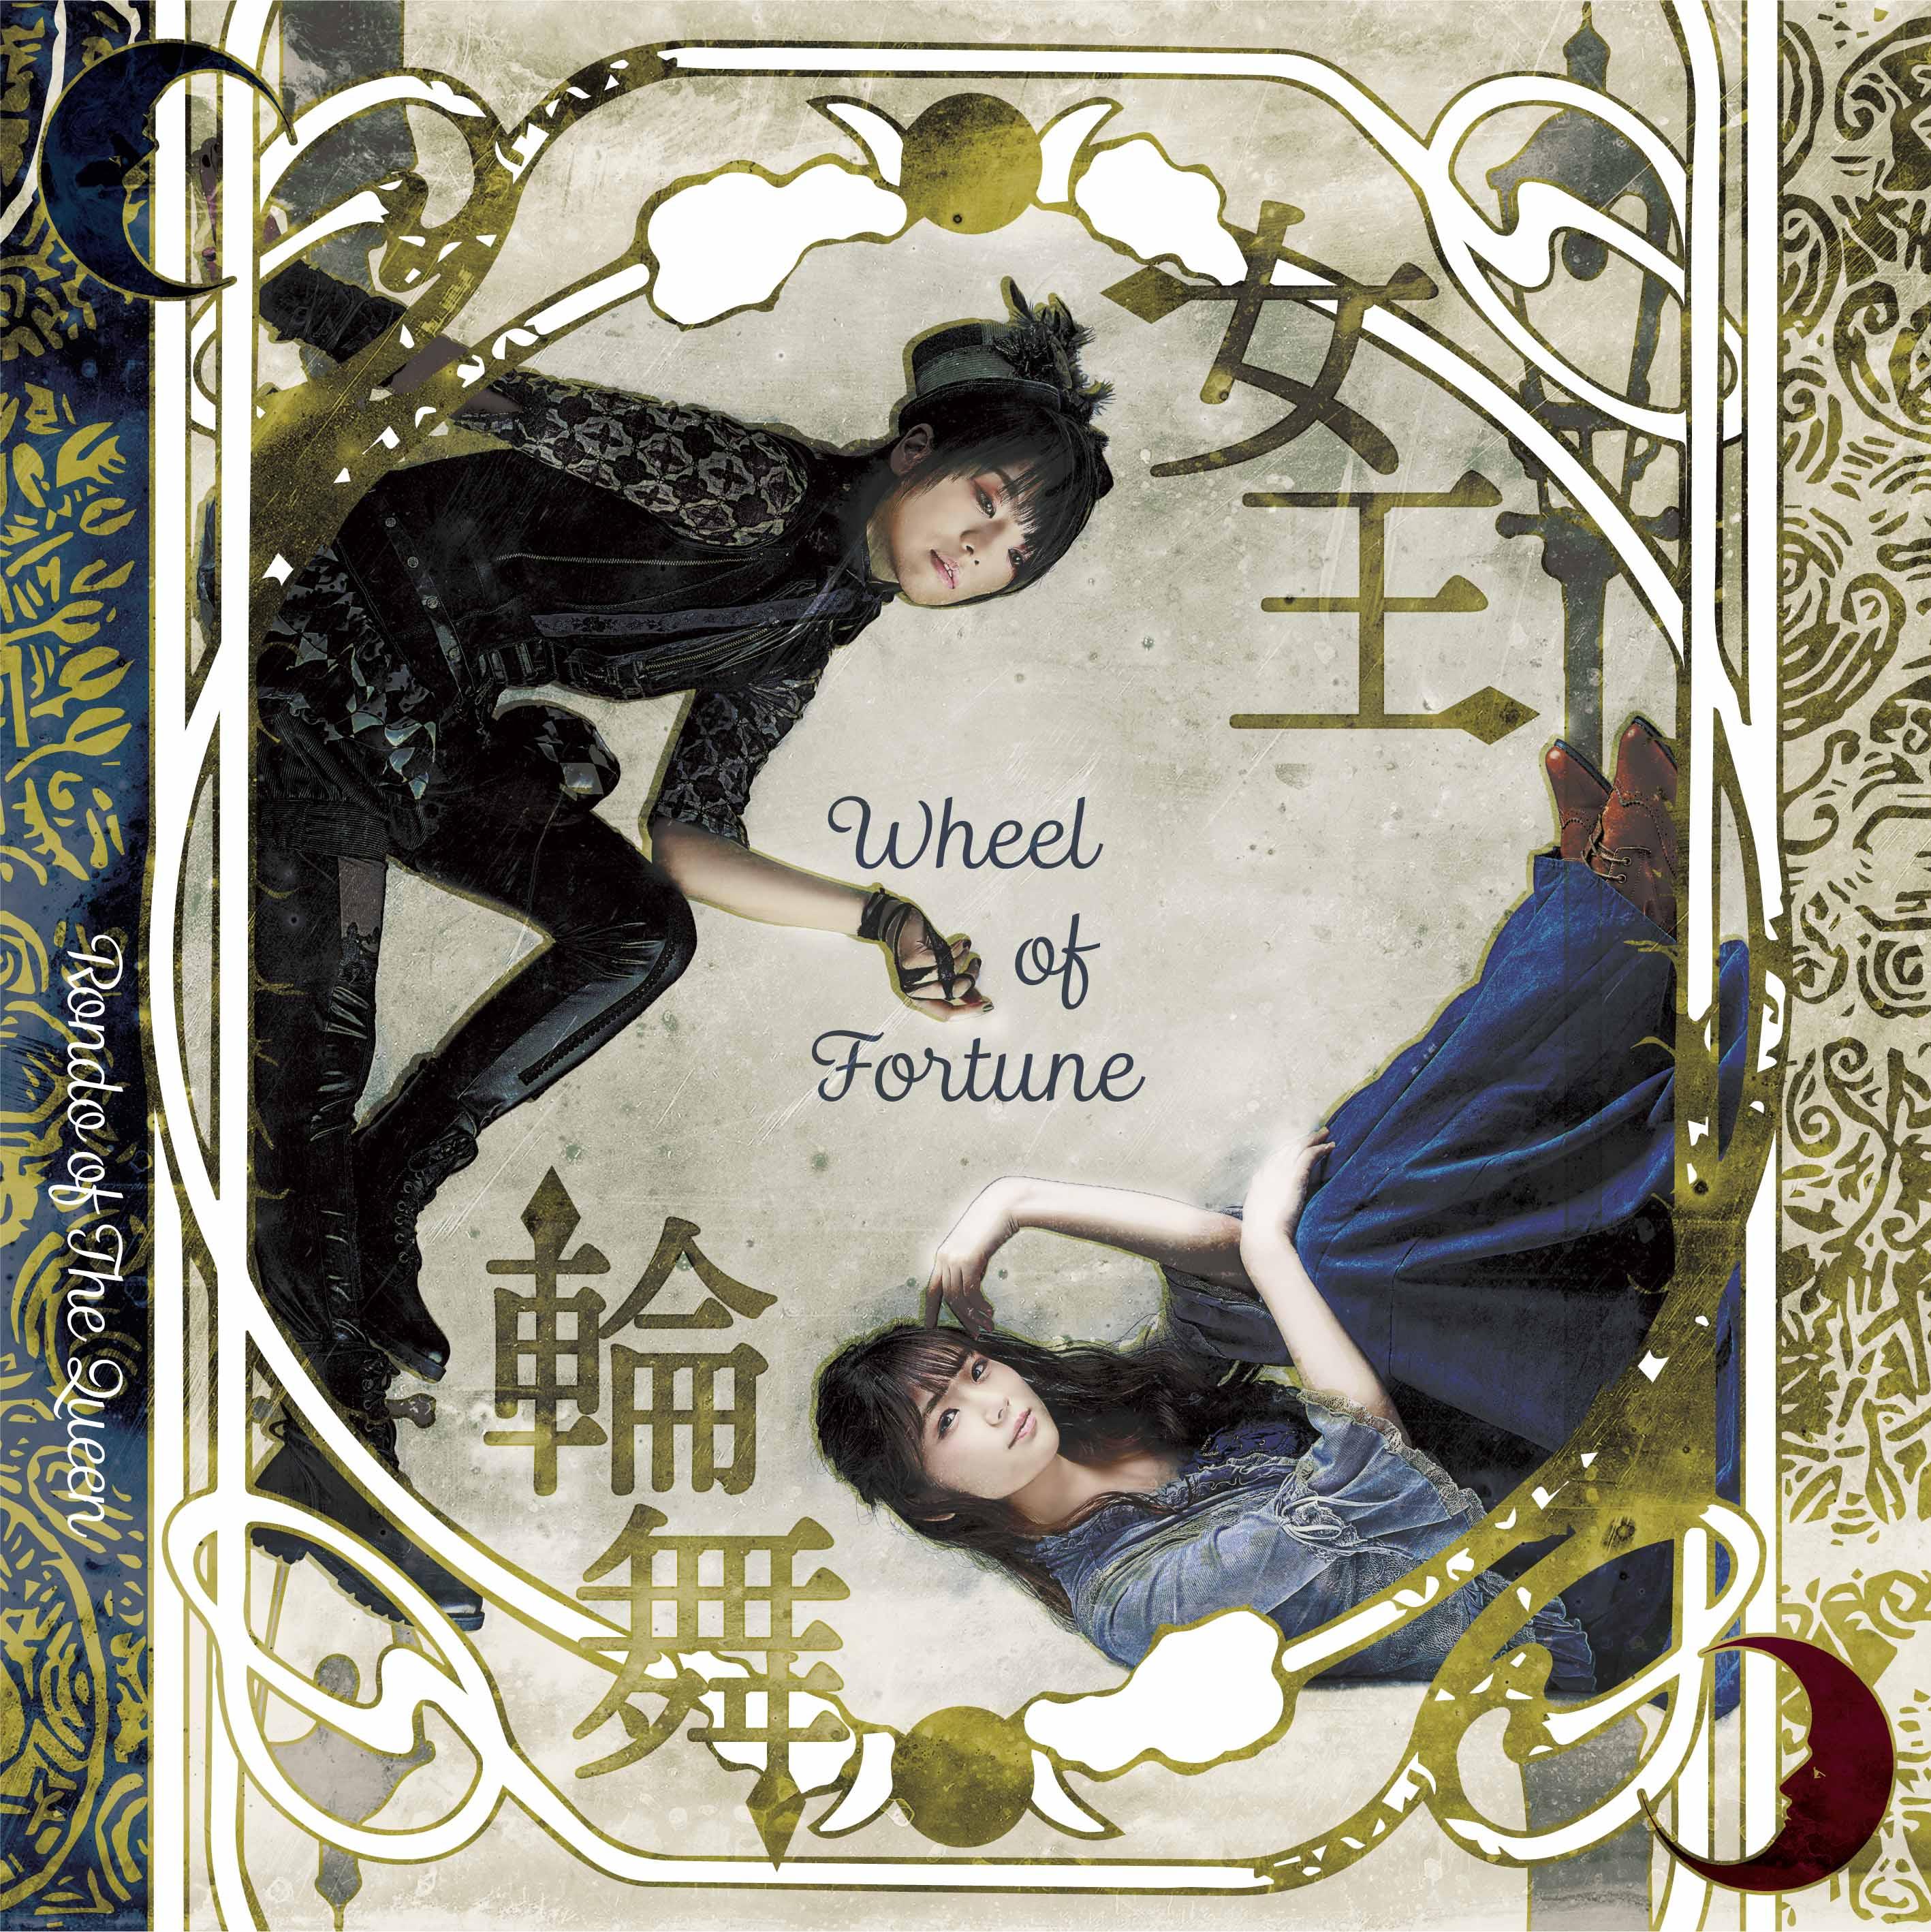 【1月29日(金)19:00】舞台「女王輪舞」